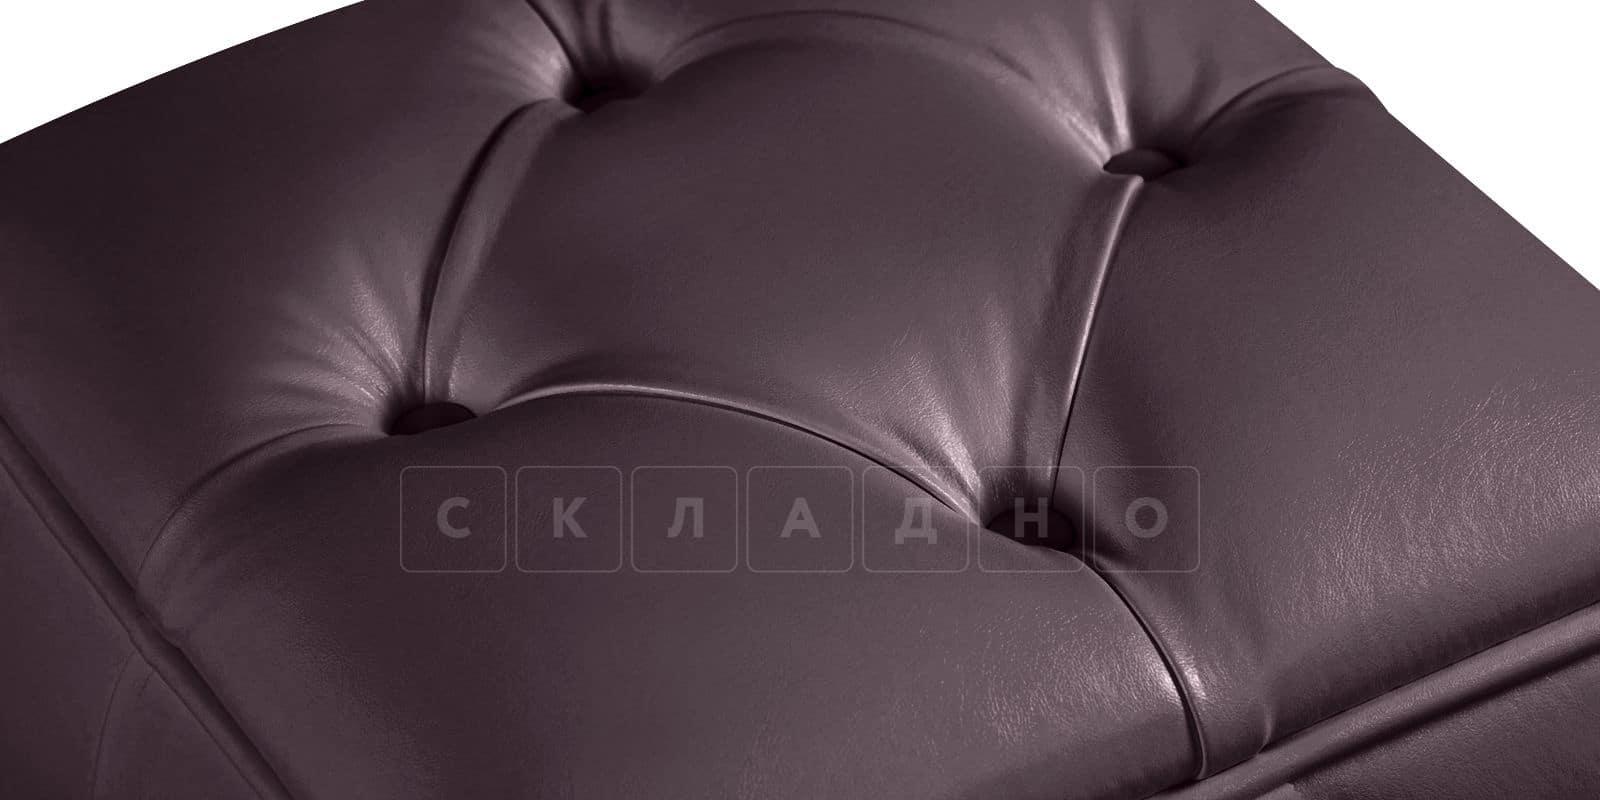 Пуф Малибу кубик шоколадного цвета фото 2   интернет-магазин Складно